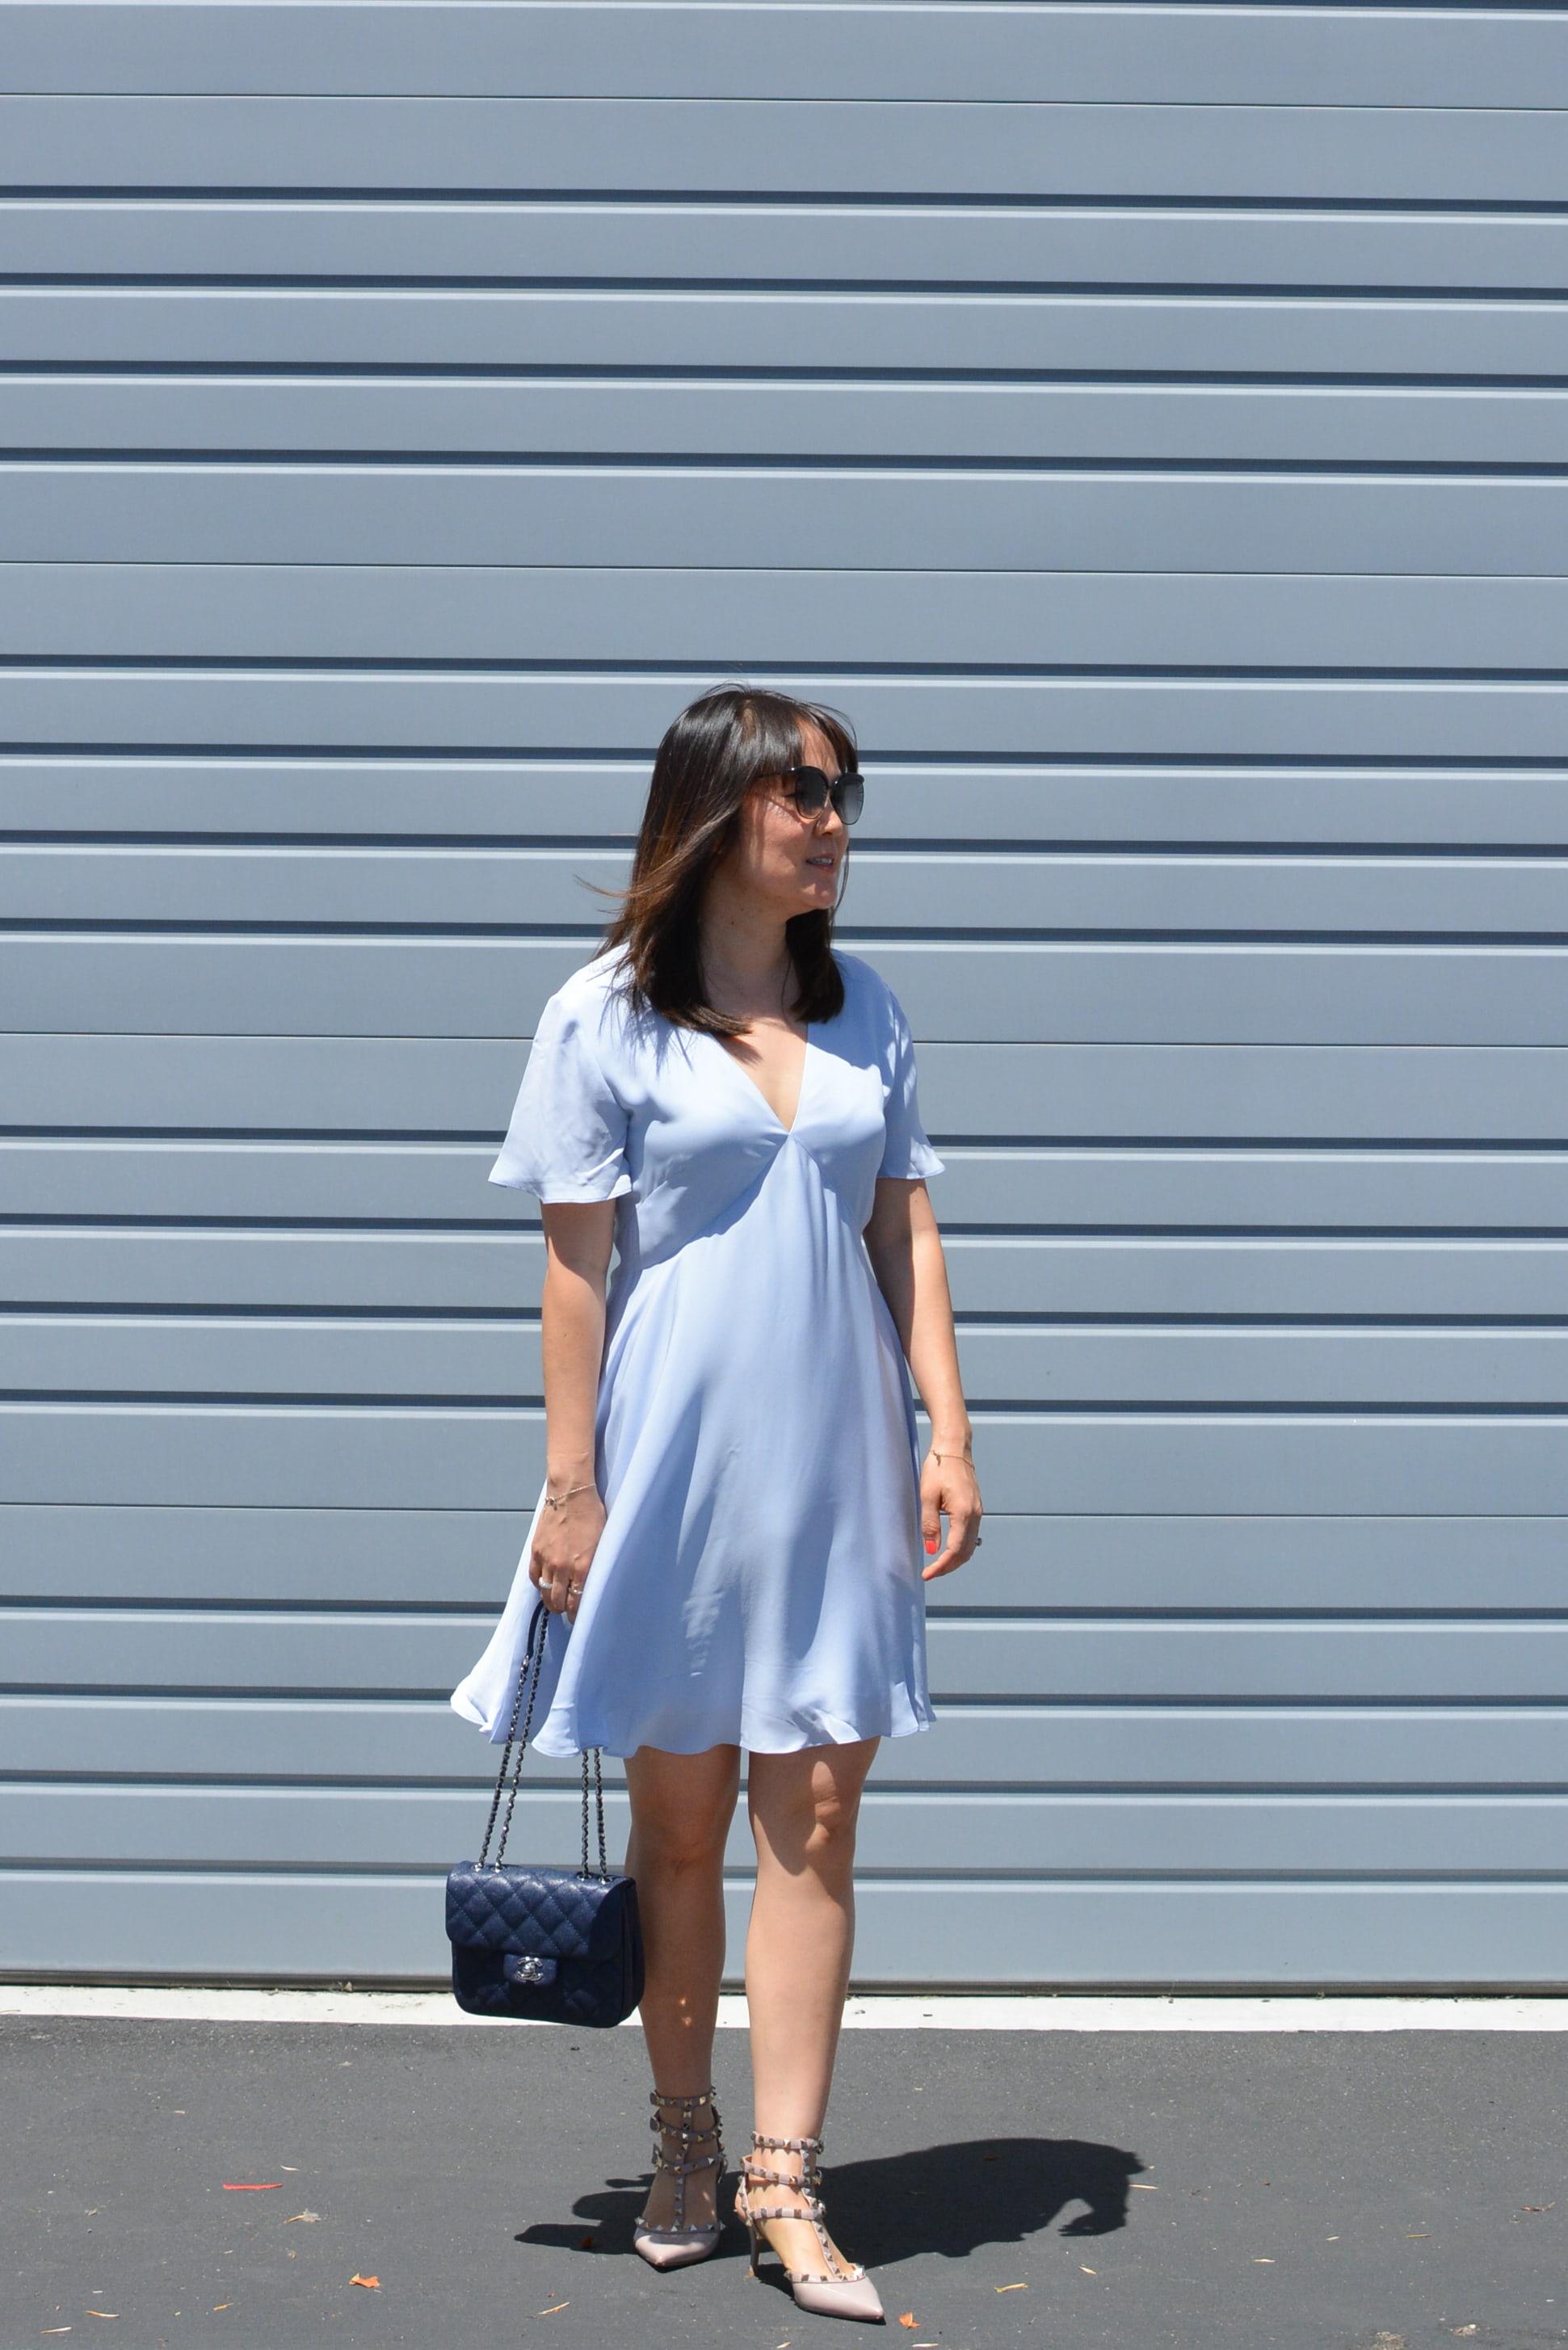 Grana Review Silk Tea Dress Black (1 of 3)-min.jpg